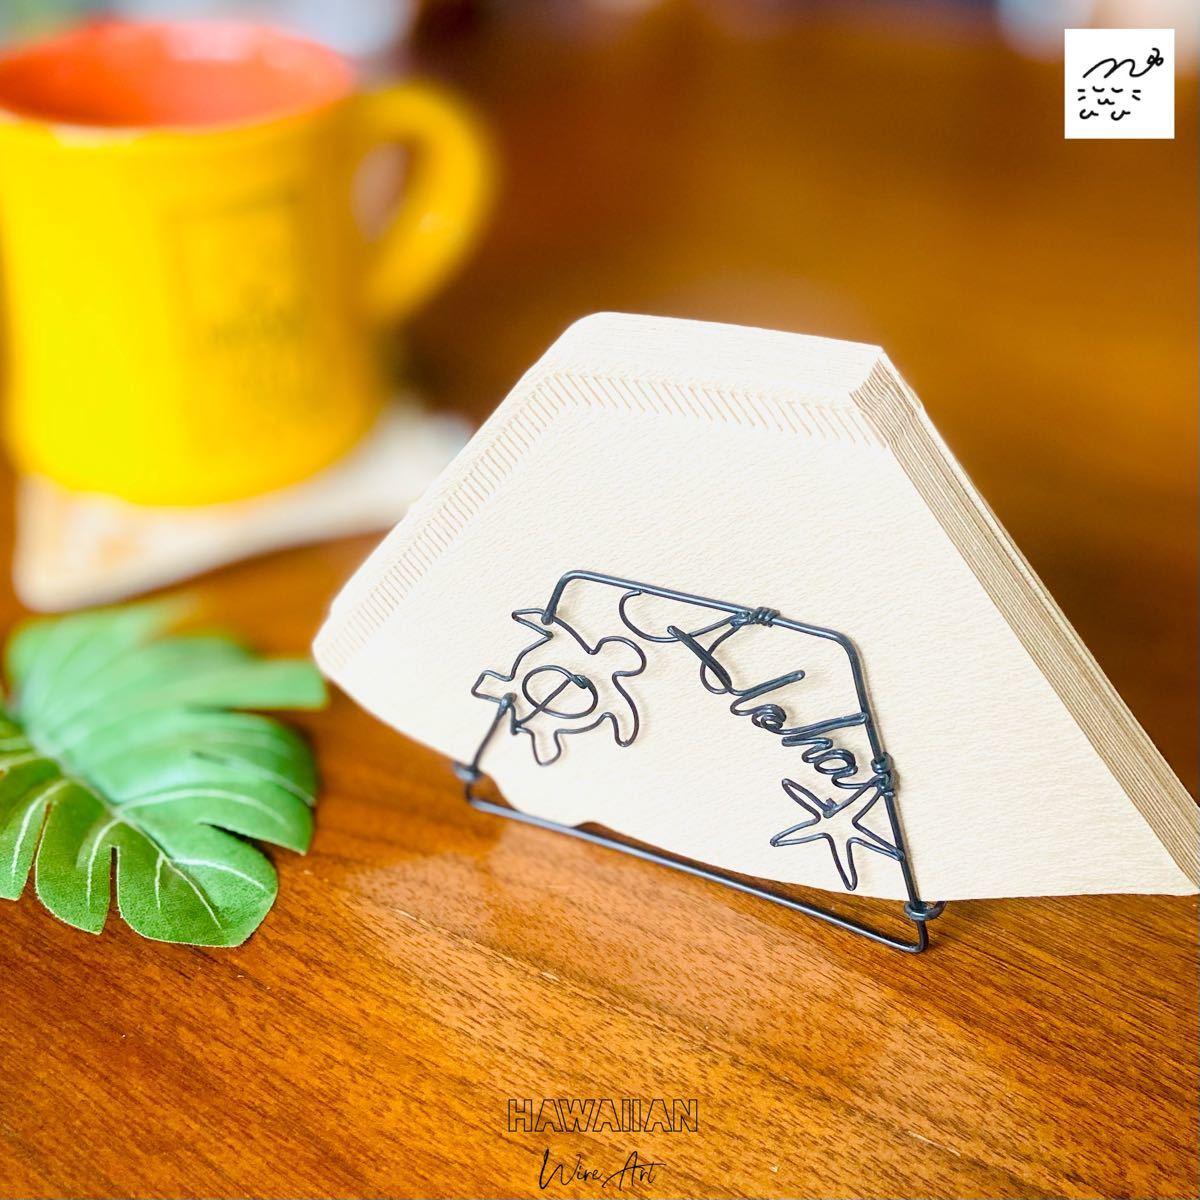 ハンドメイド☆No43ホヌアロハ♪コーヒーフィルタースタンド☆ワイヤークラフト